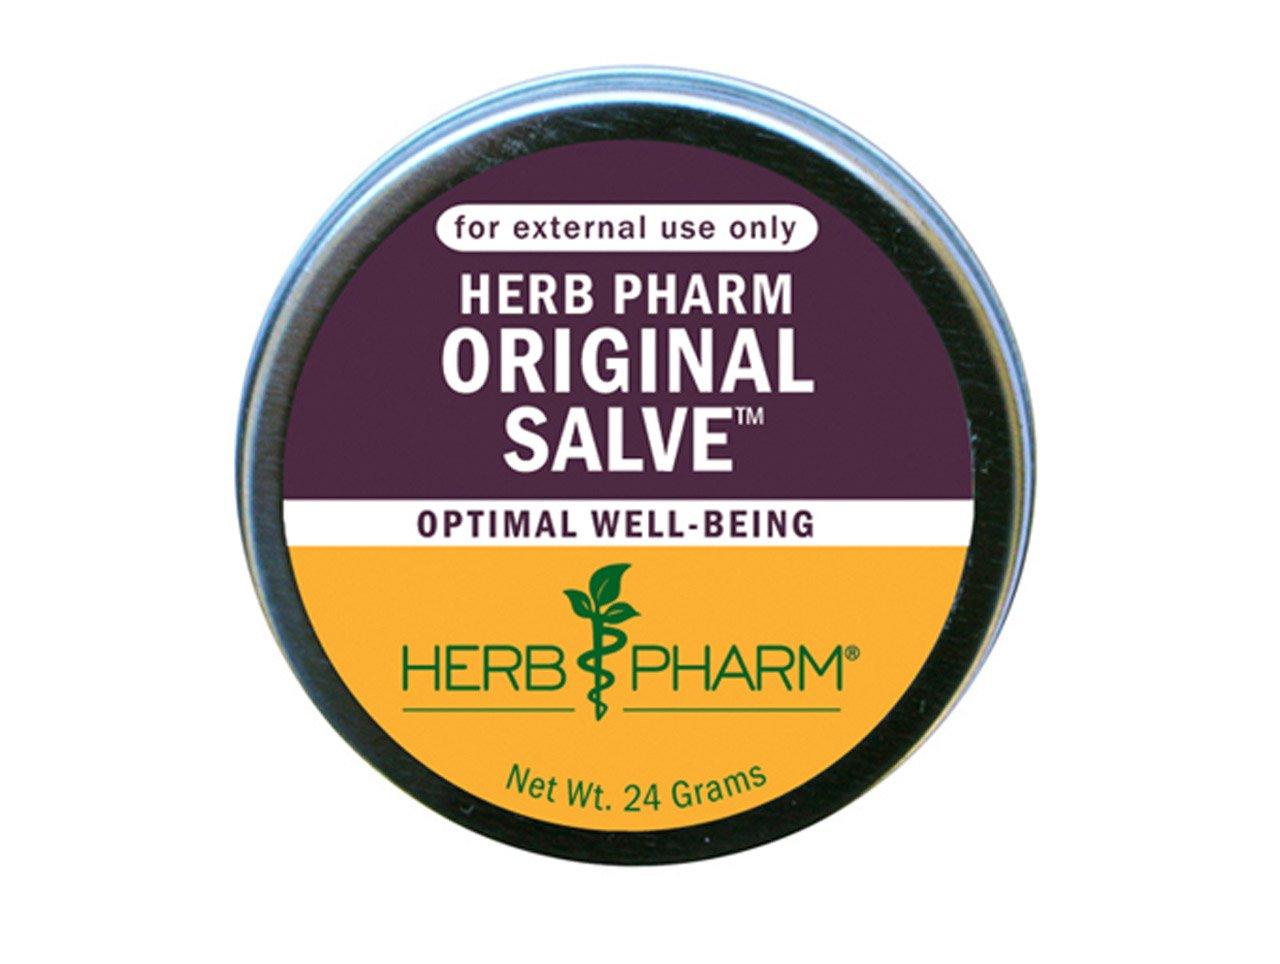 Herb Pharm Original Salve with Comfrey and St. John's Wort - 24 Grams